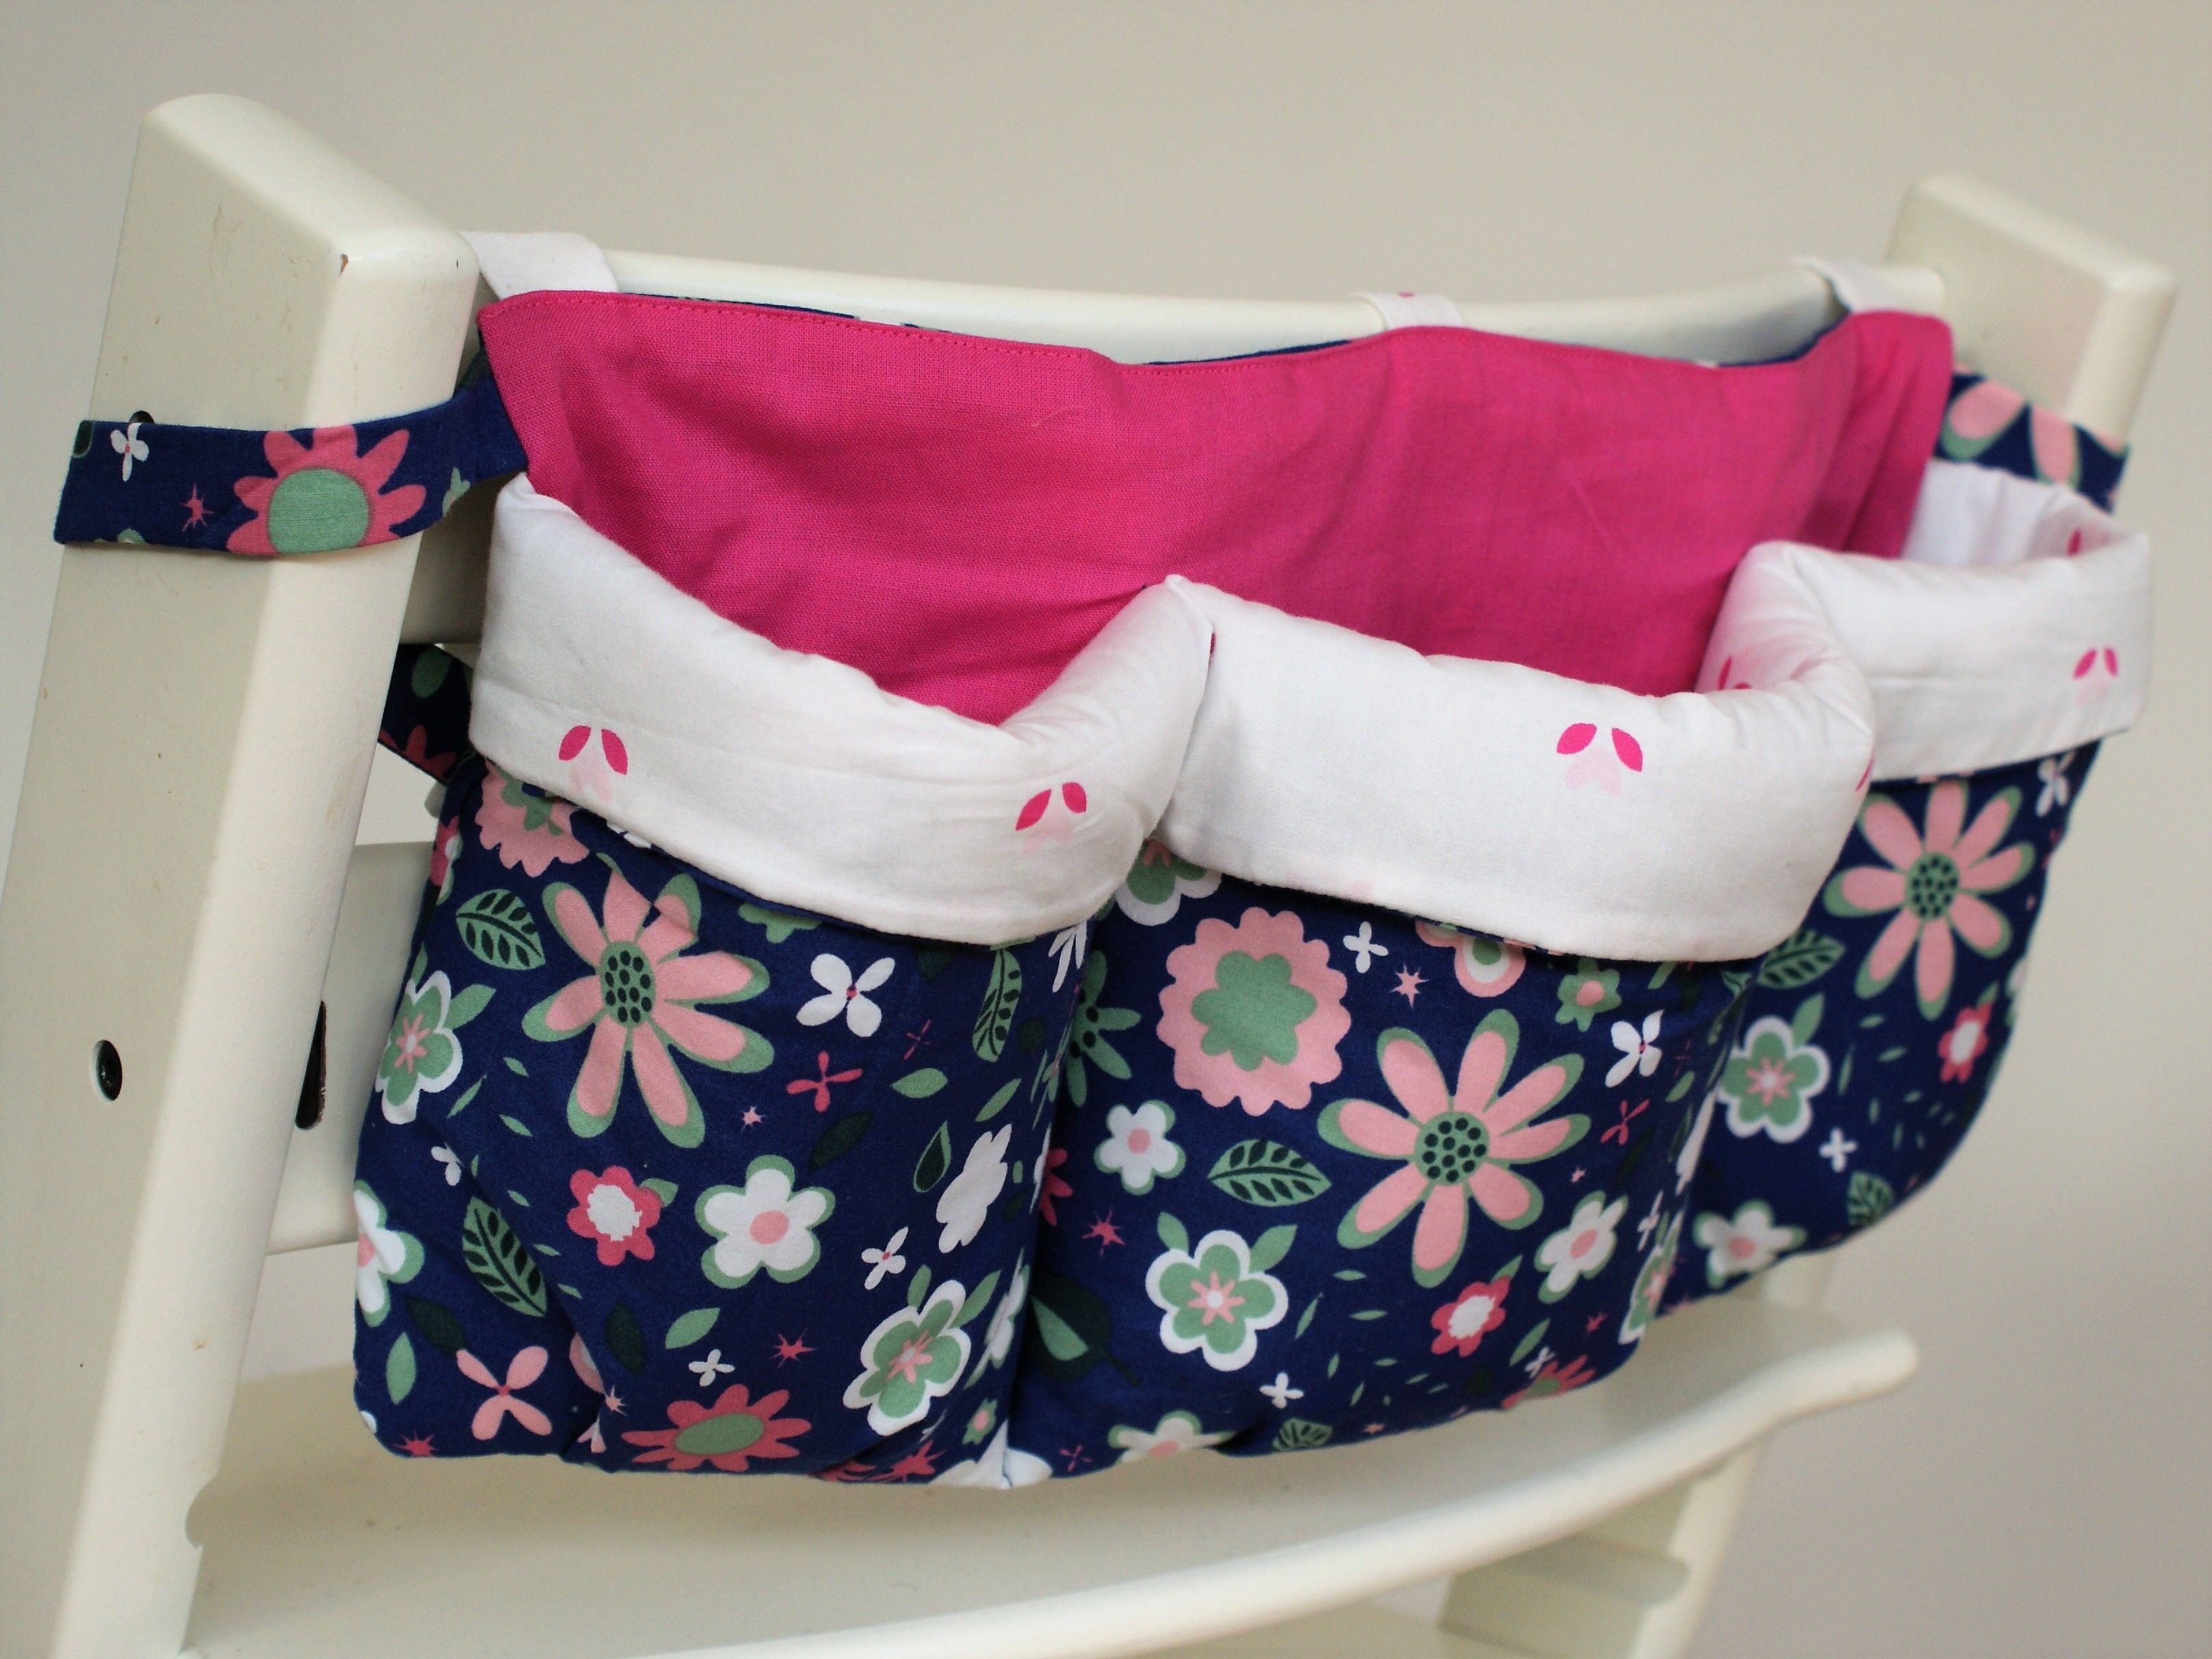 utensilo f r hochstuhl n hen stricken n hen n hen baby und utensilo n hen. Black Bedroom Furniture Sets. Home Design Ideas